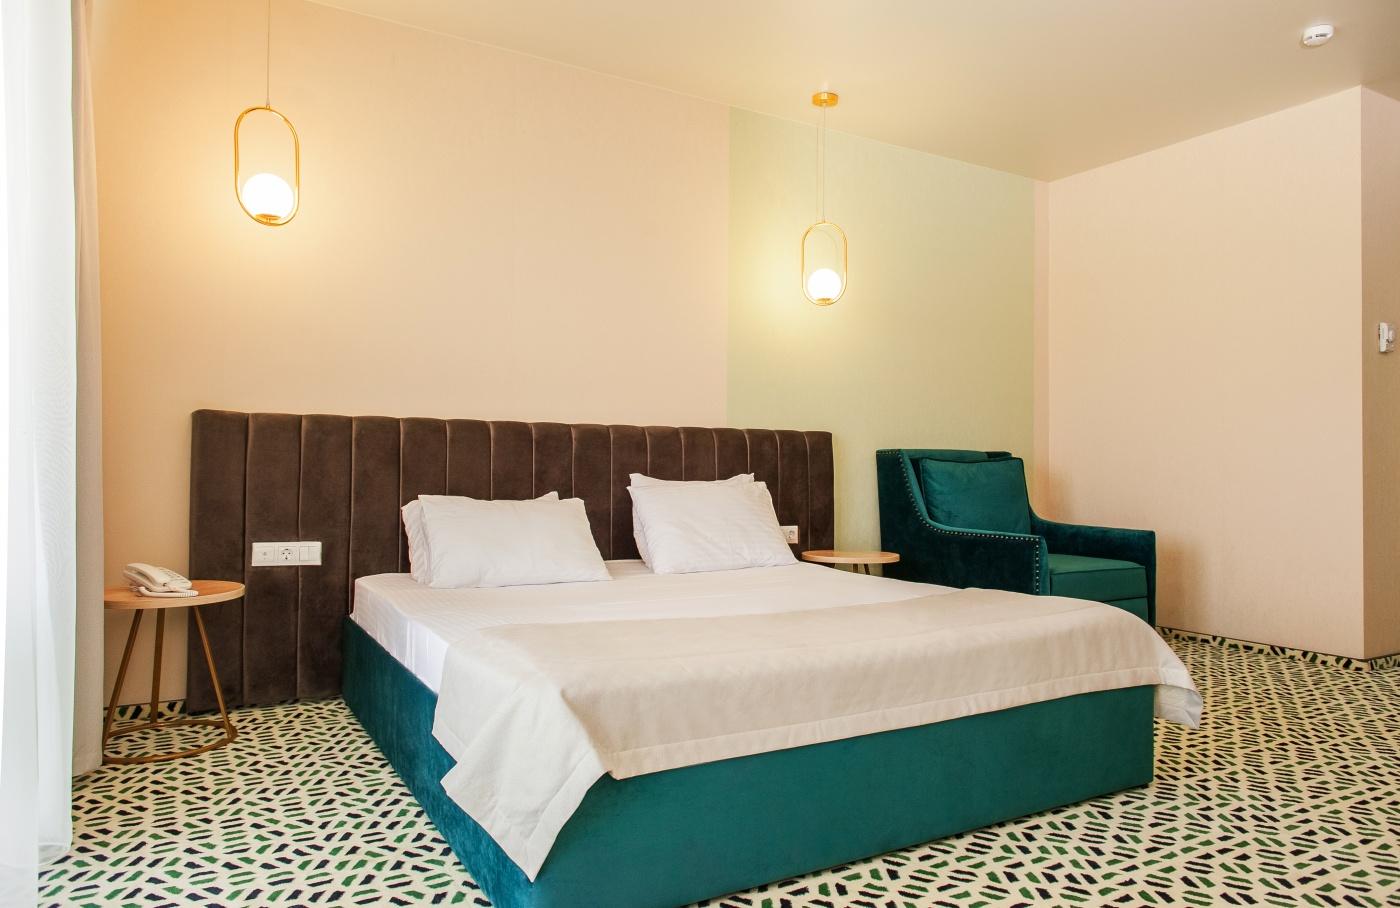 Отель «Aurum Family Resort & Spa» Краснодарский край Junior suite 2-местный , фото 9